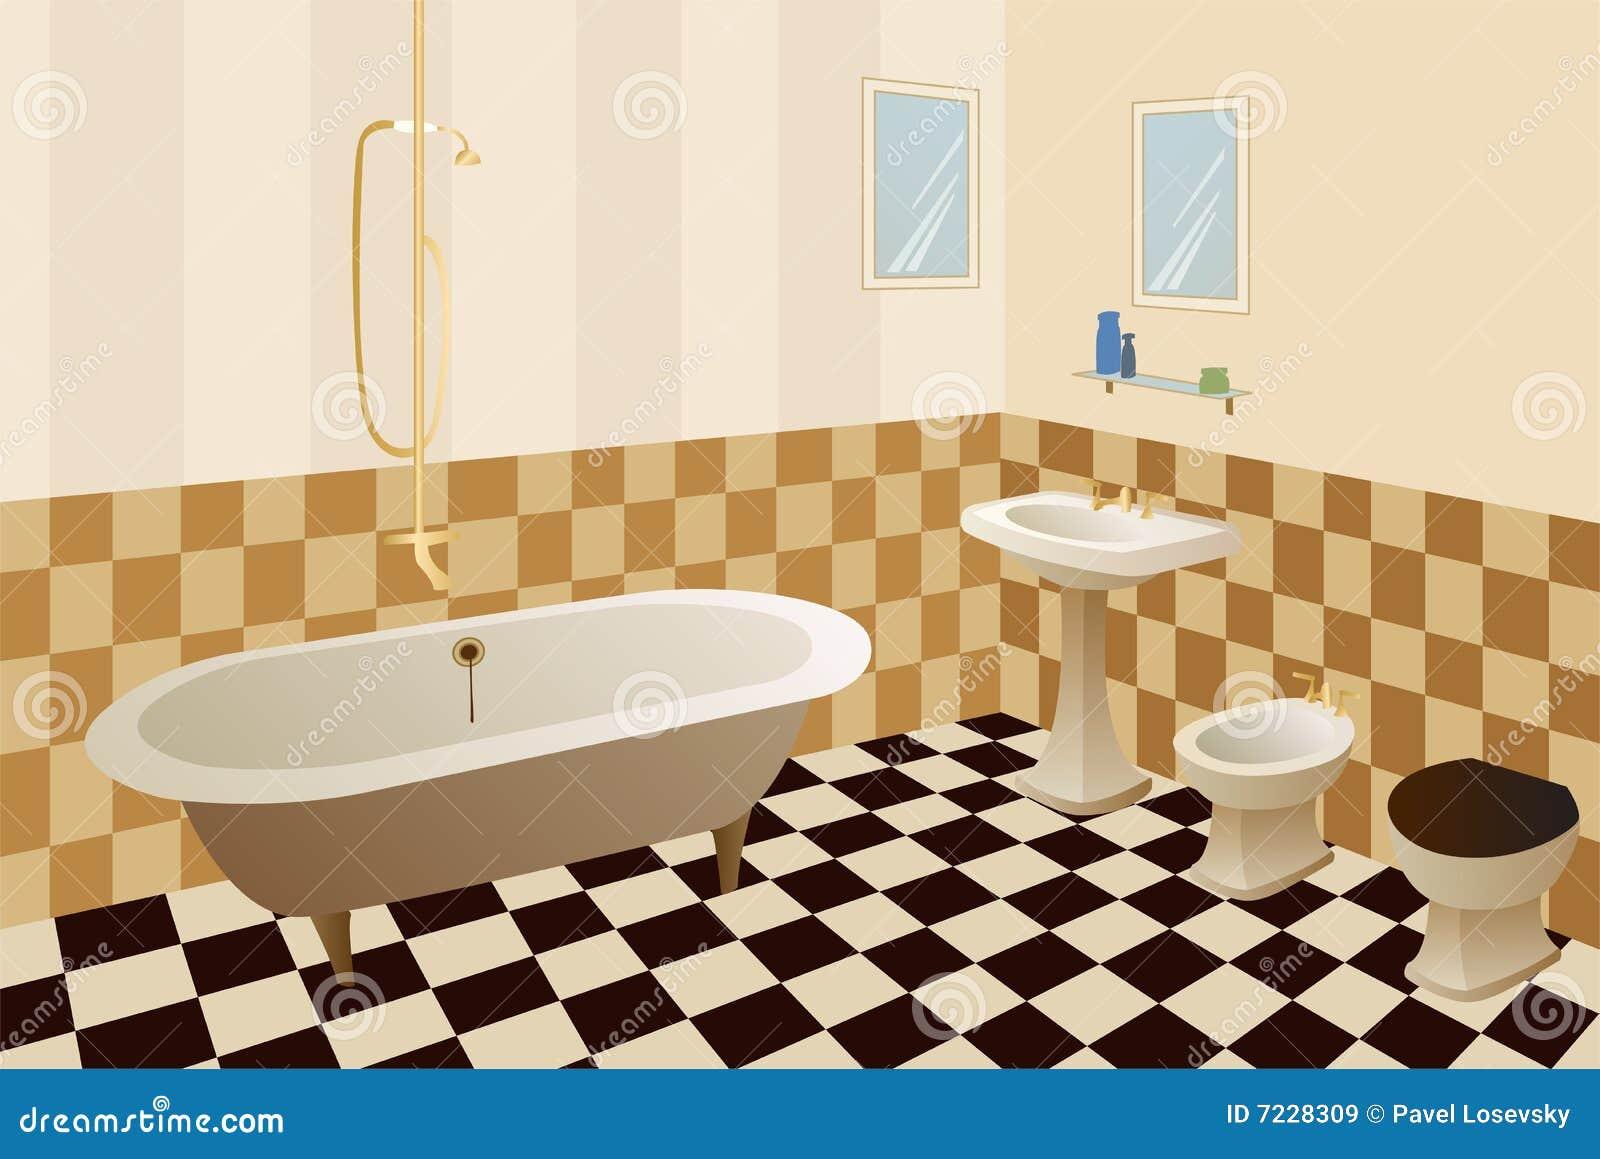 Vetor Do Banheiro Imagens de Stock Royalty Free  Imagem 7228309 -> Banheiro Feminino Vetor Free